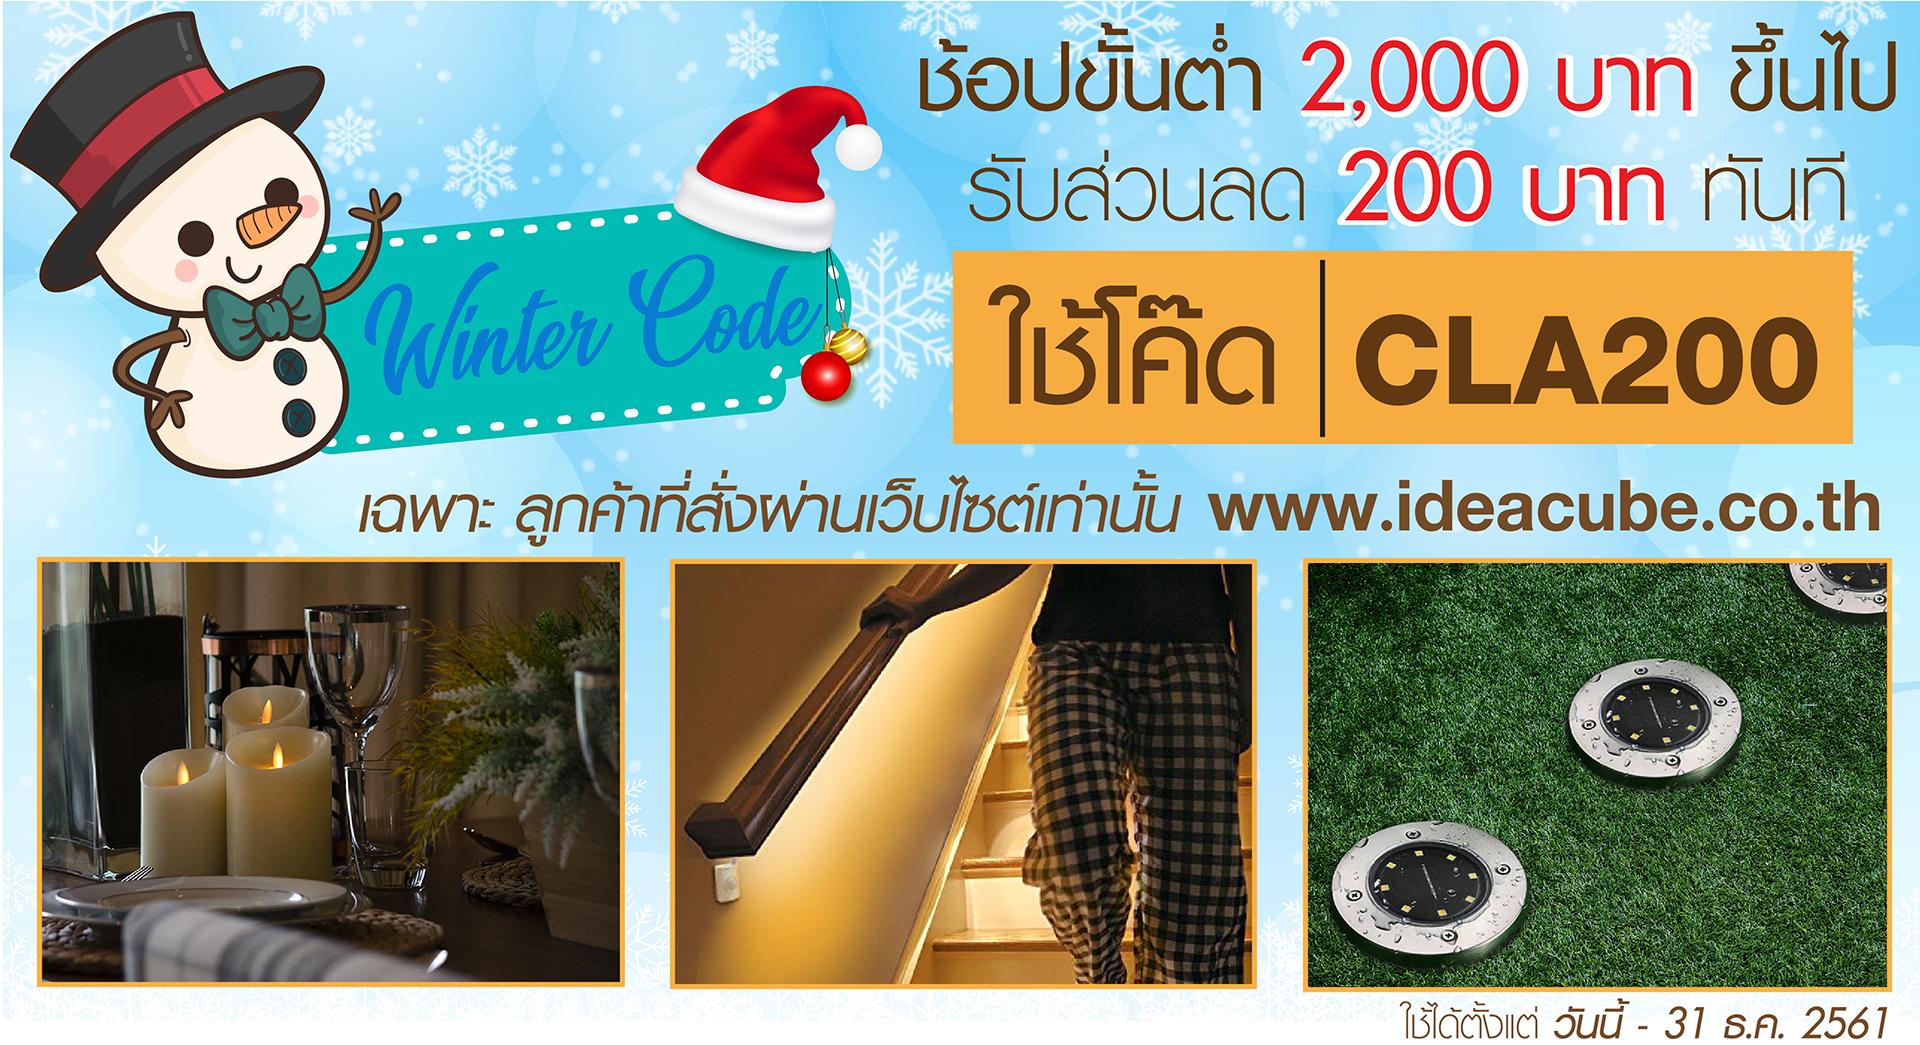 1542797876_0_11-61-01.jpg